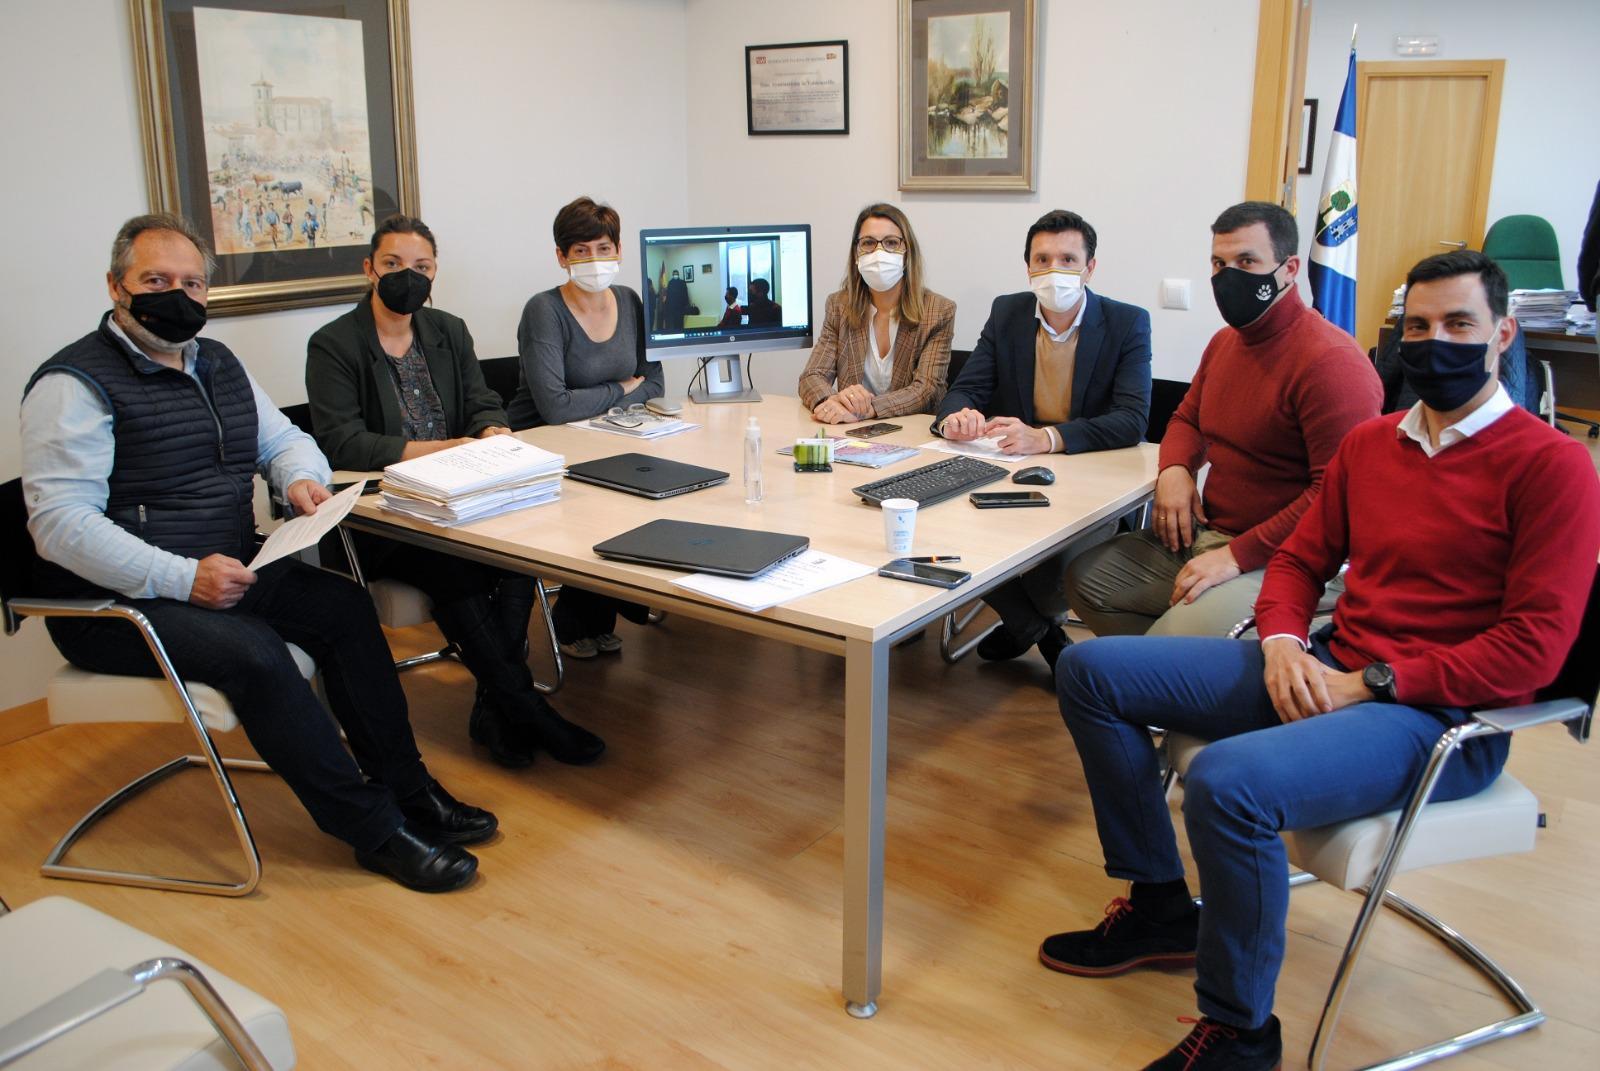 La Junta de Gobierno aprueba las normas de convocatoria para las ayudas a autónomos y pymes por importe de 220.000€